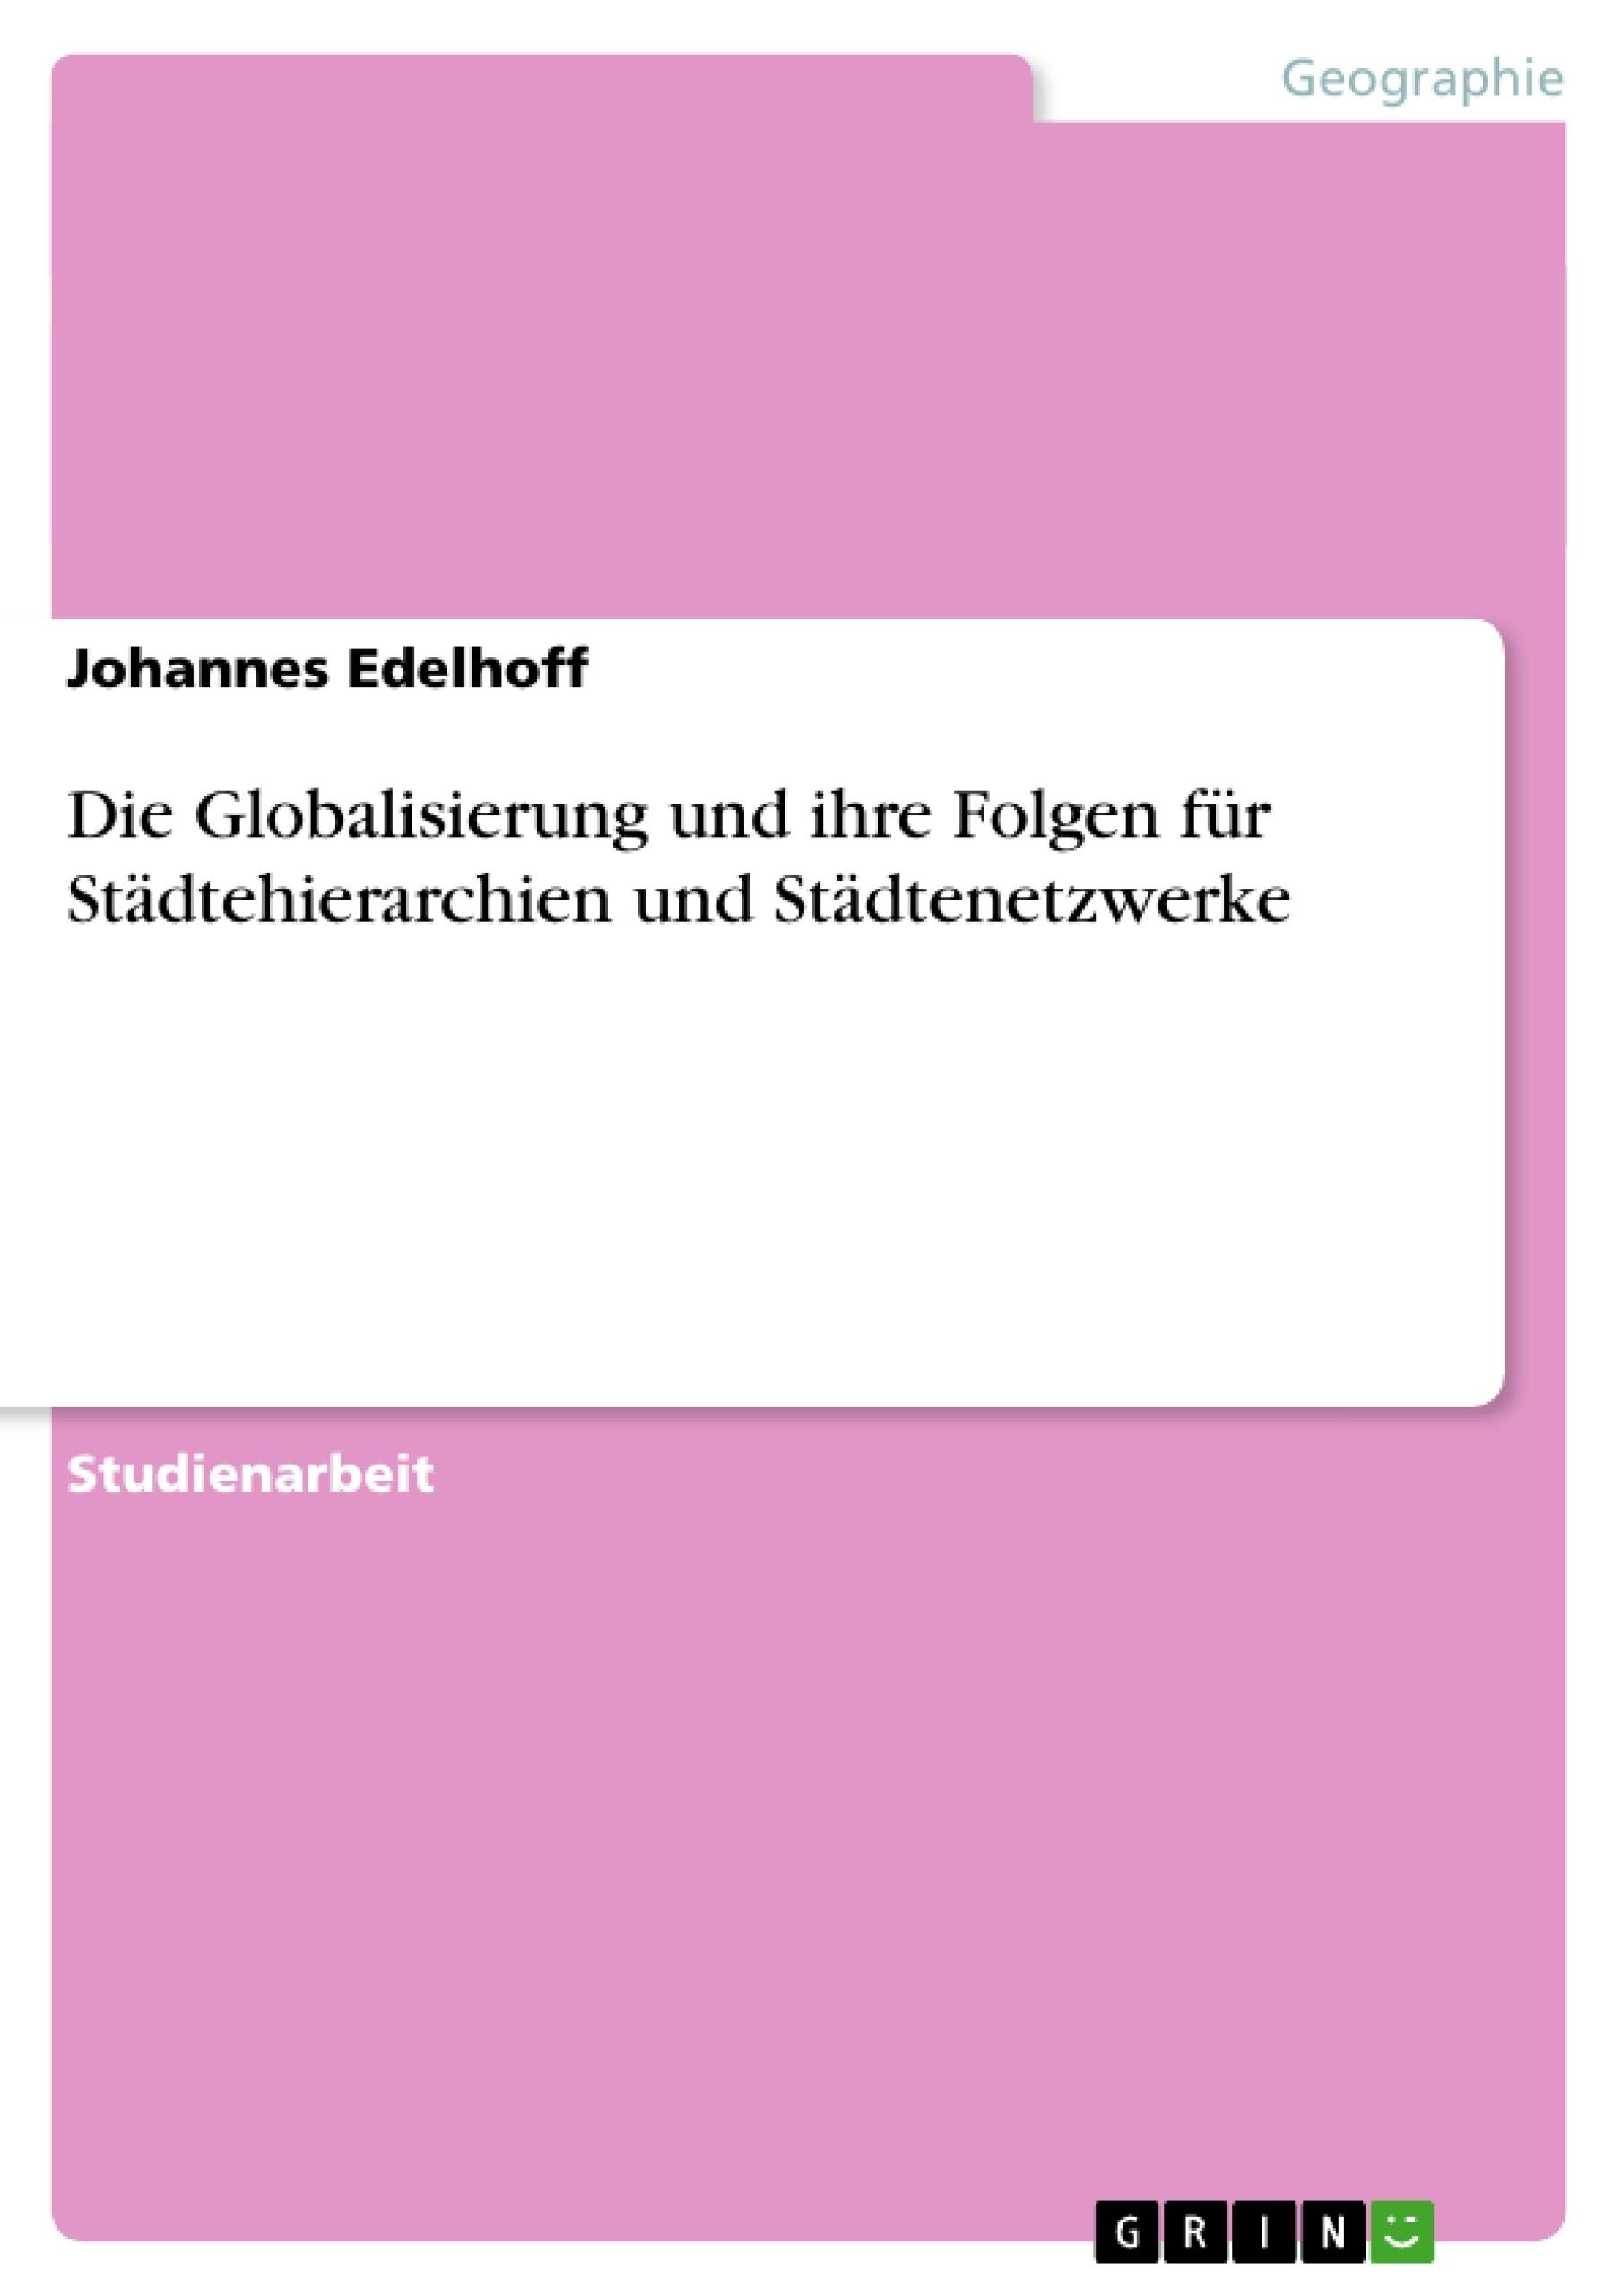 Titel: Die Globalisierung und ihre Folgen für Städtehierarchien und Städtenetzwerke